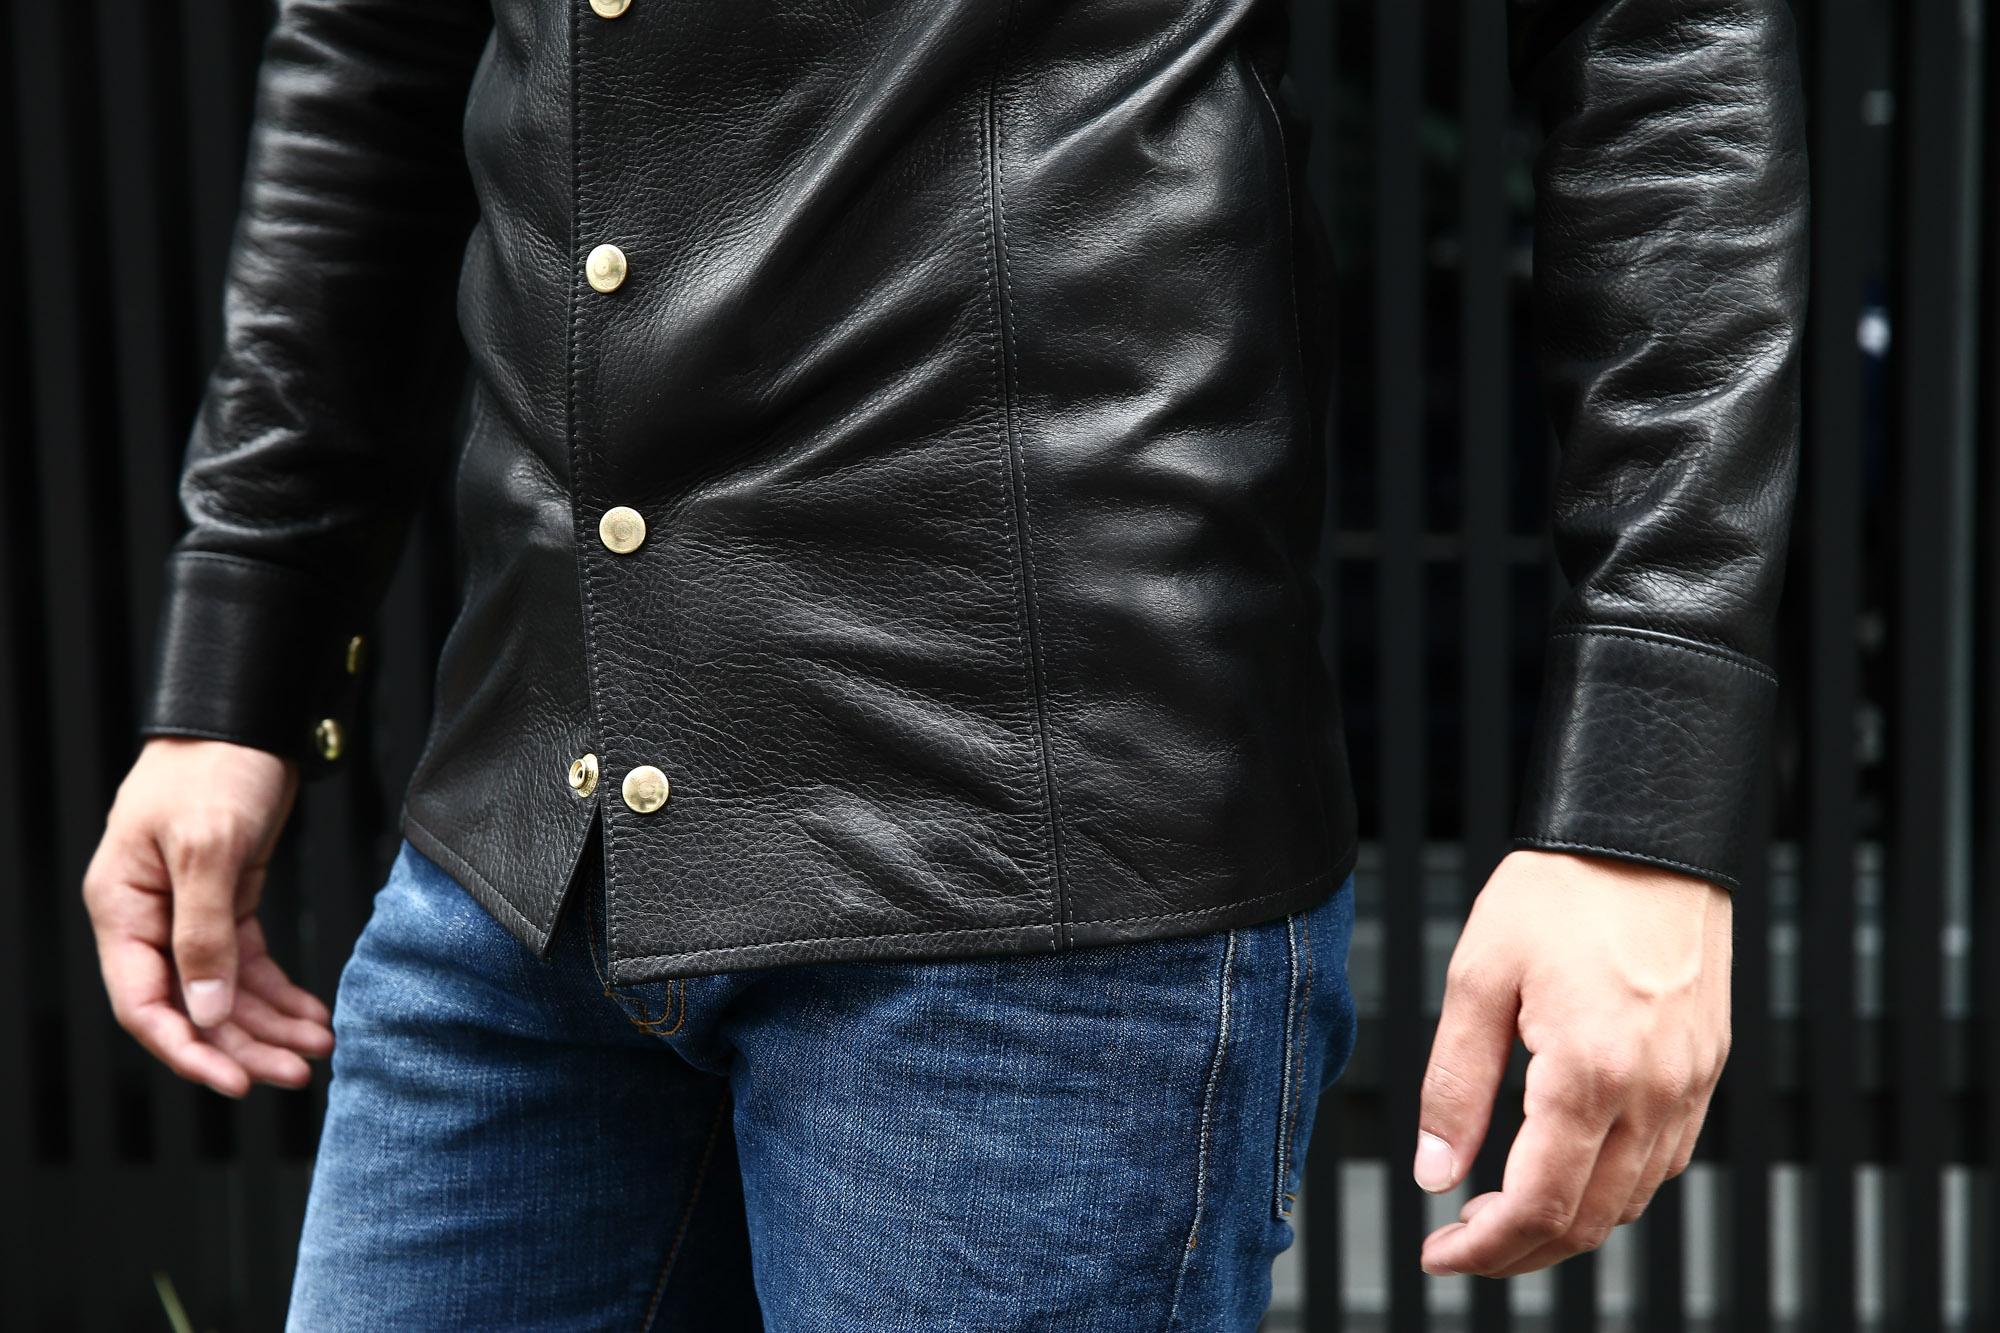 South Paradiso Leather(サウスパラディソレザー) East West(イーストウエスト) ILLUMINATI RAINBOW SHIRTS(イルミナティレインボーシャツ) レザーシャツ BLACK(ブラック) バックスタイル画像。袖アップ画像。